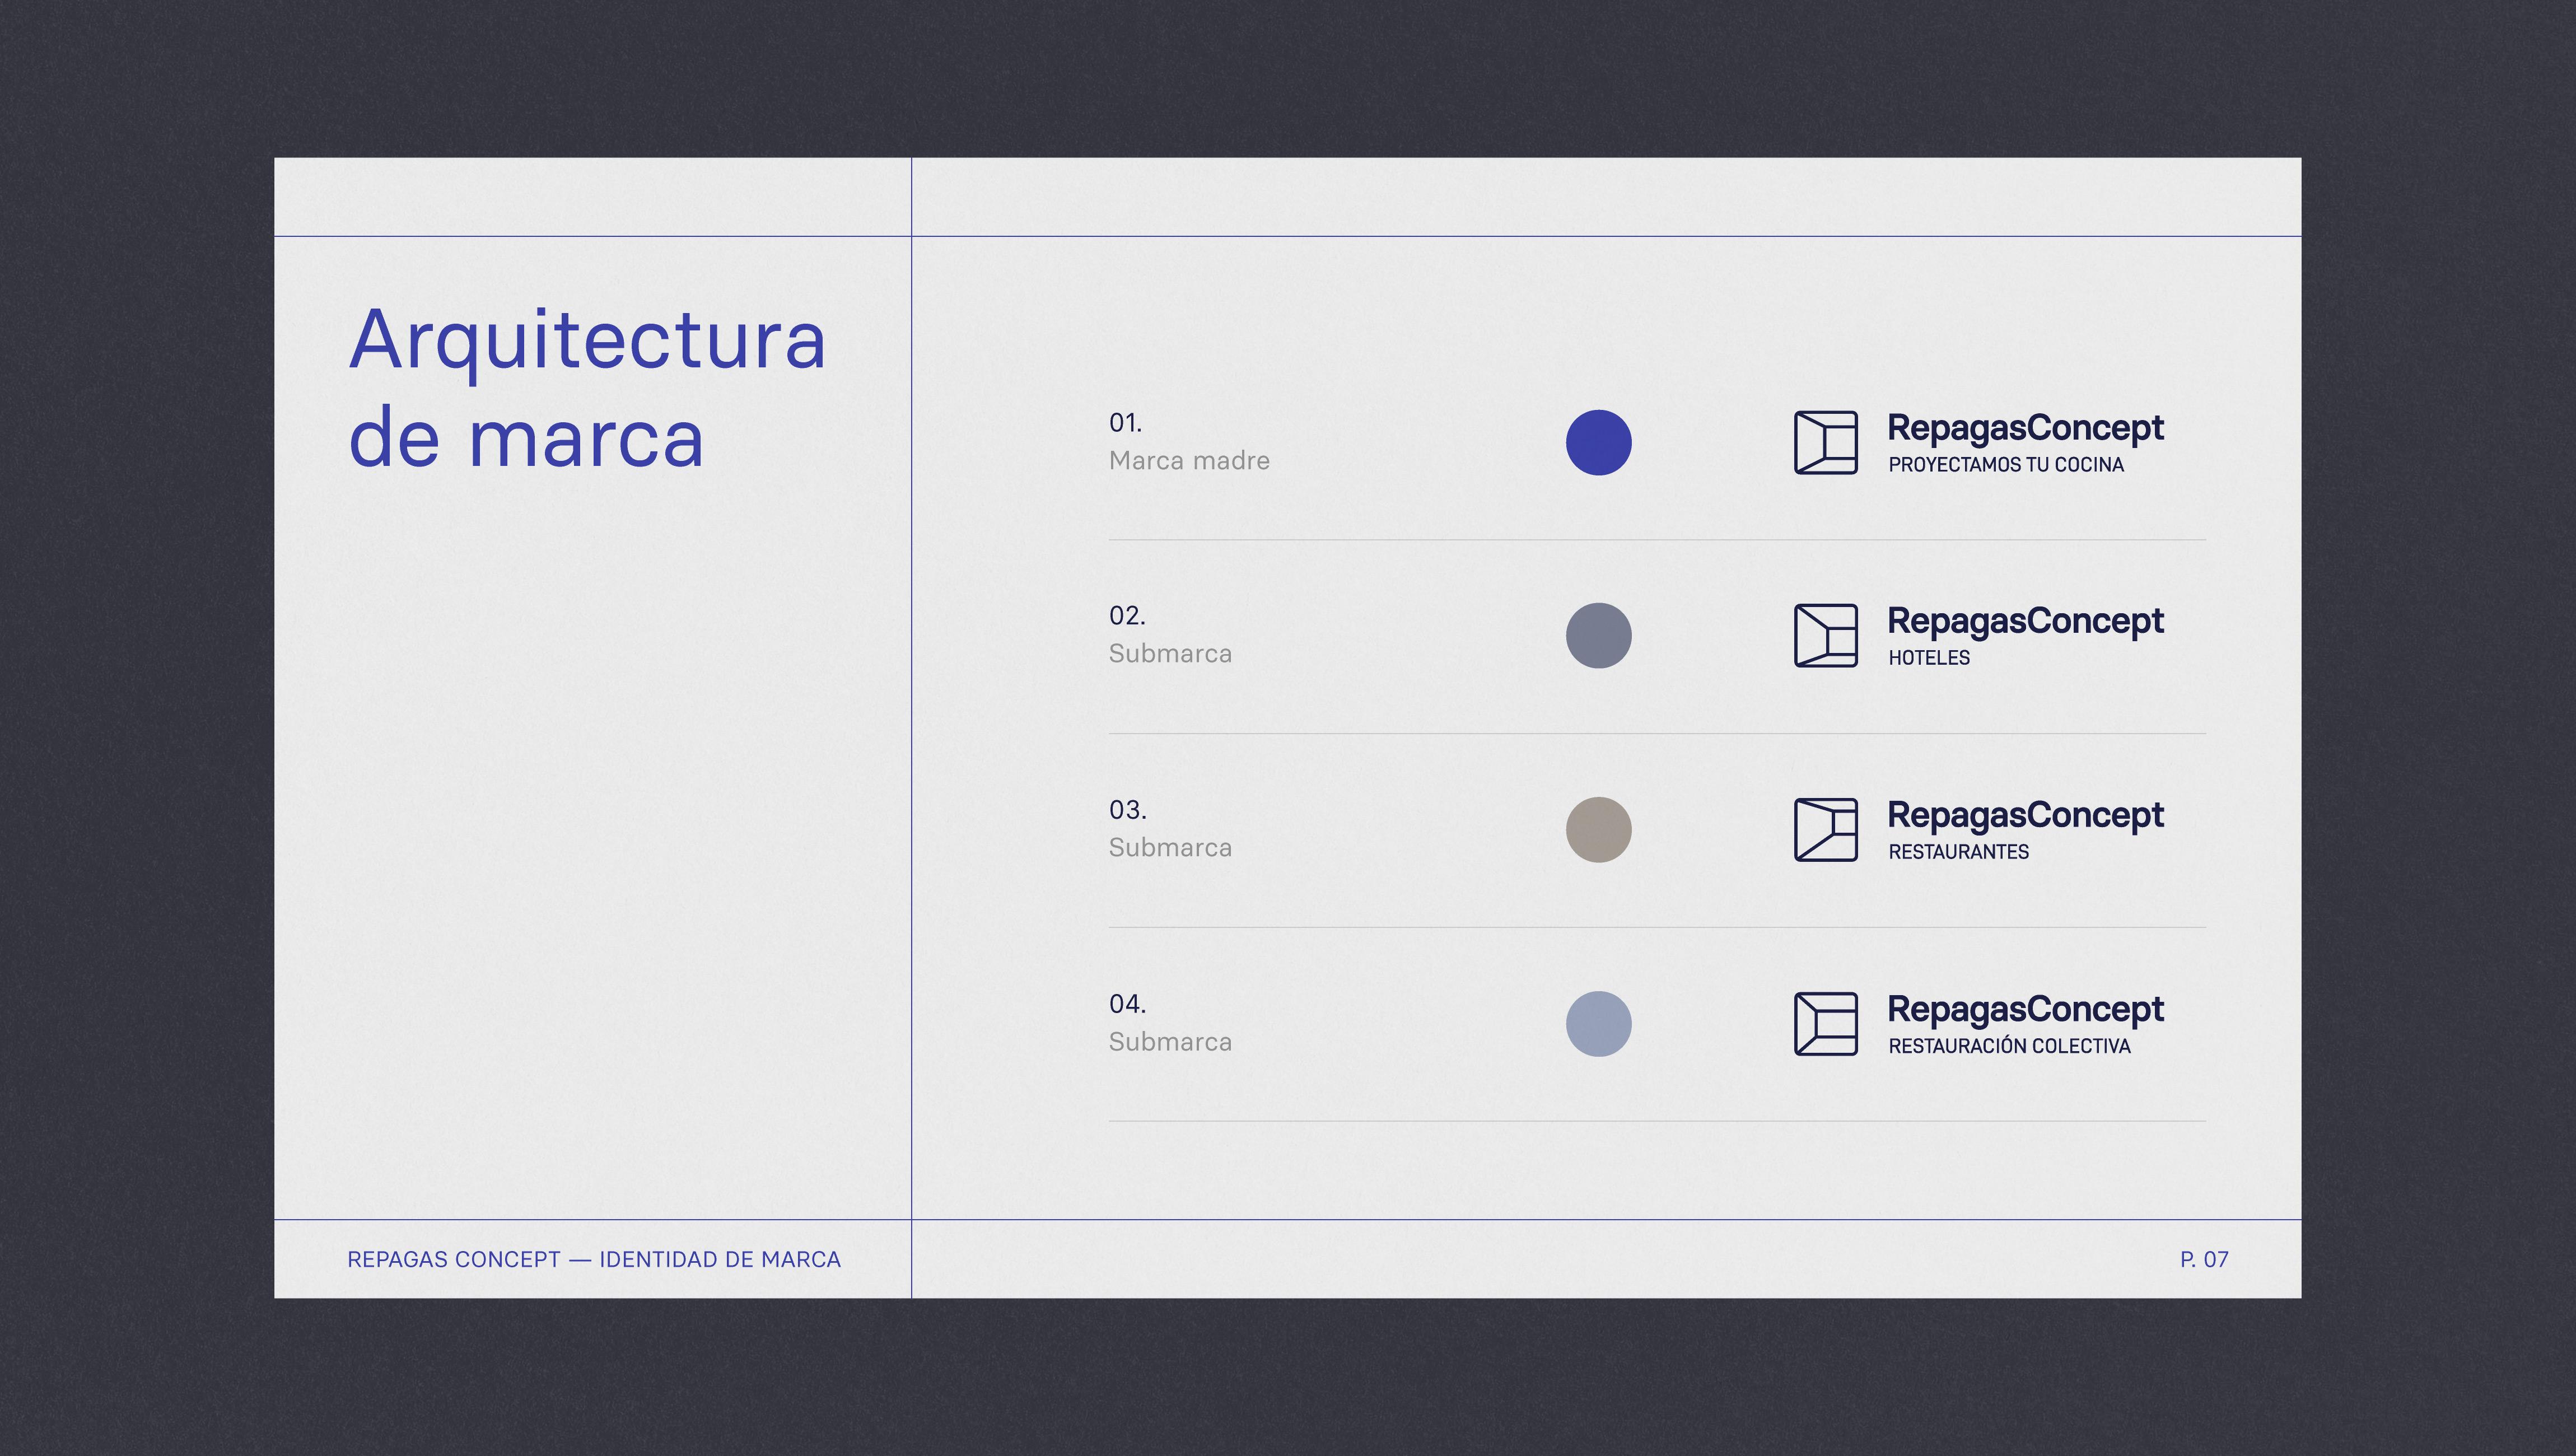 RC_Arquitectura_portfolio_SPA_V2